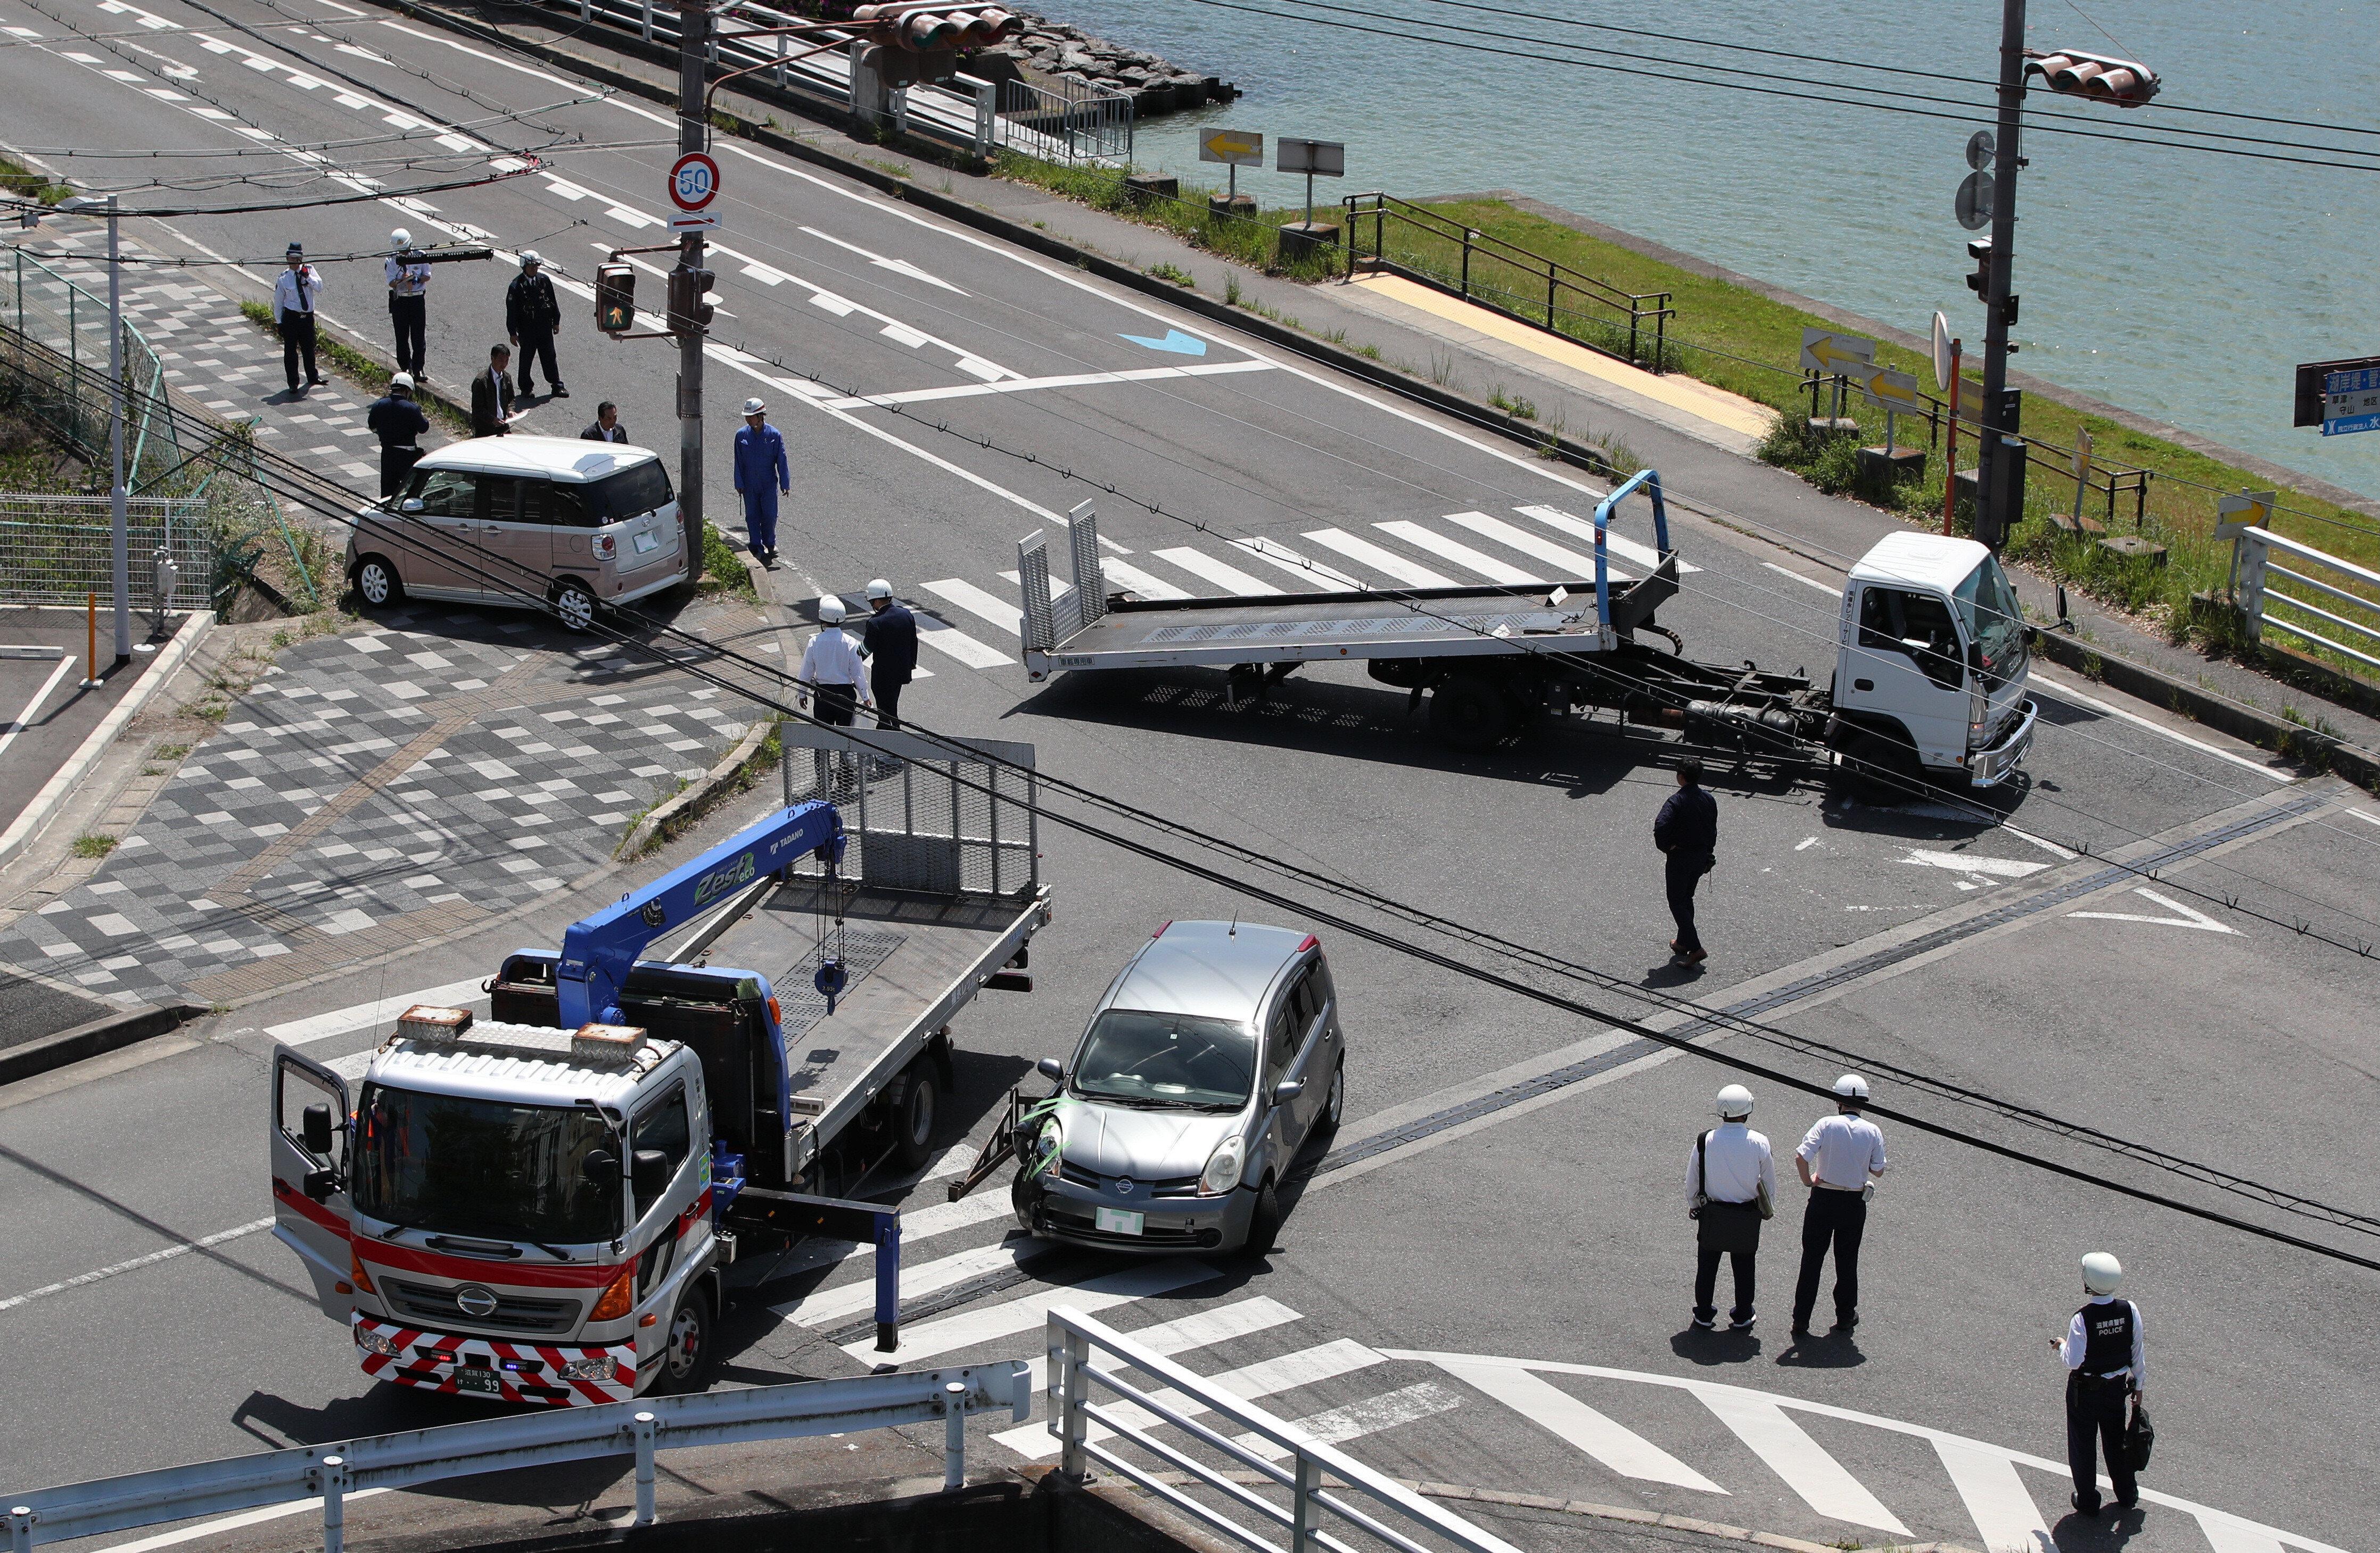 大津の事故、遺族がコメント マスコミに取材自粛求める(全文)